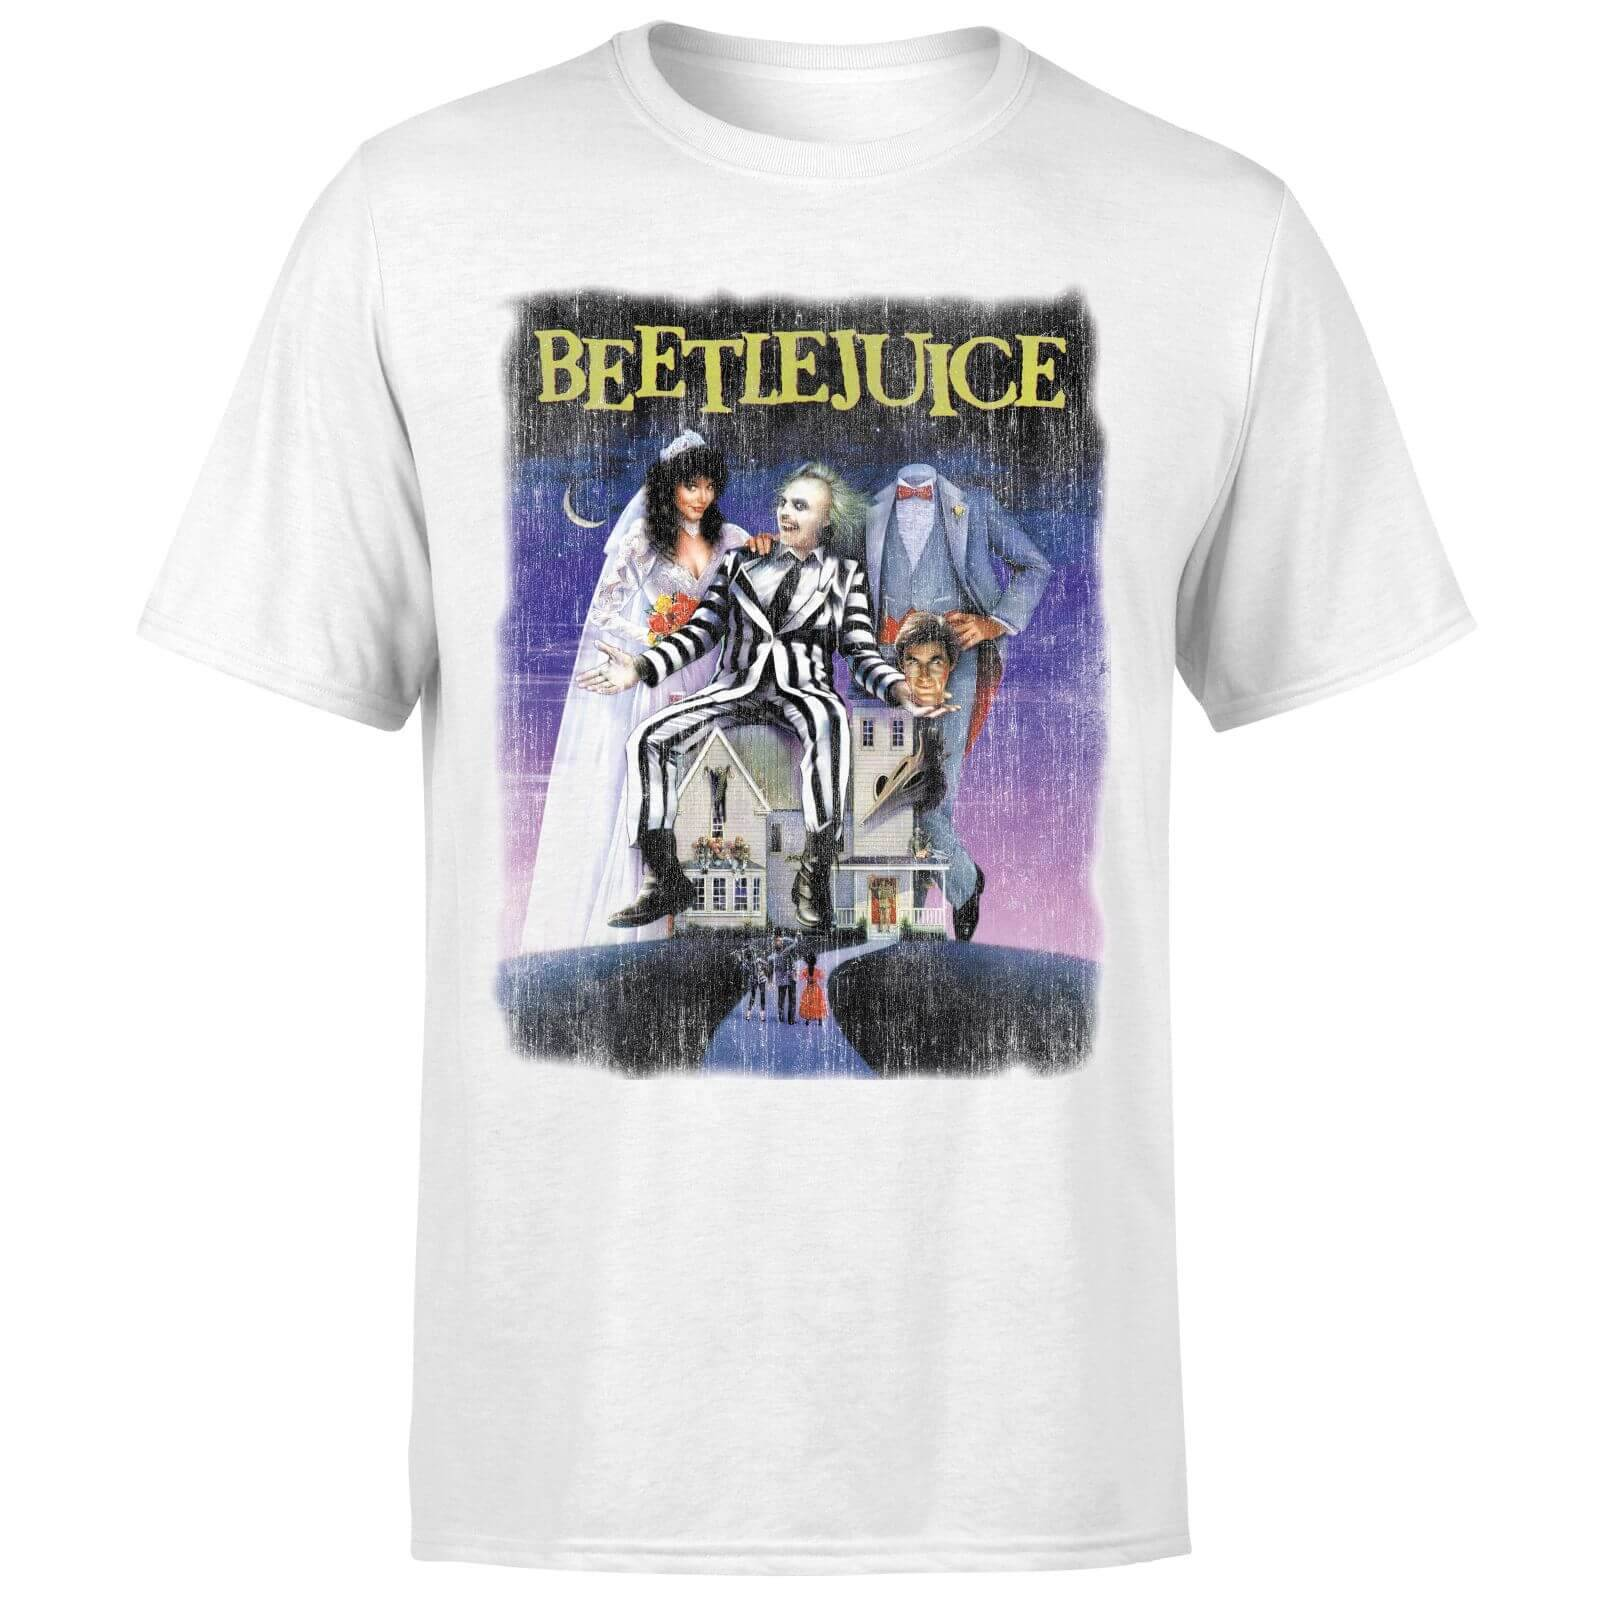 Beetlejuice T-Shirt Homme Affiche Abîmée Beetlejuice - Blanc - XL - Blanc